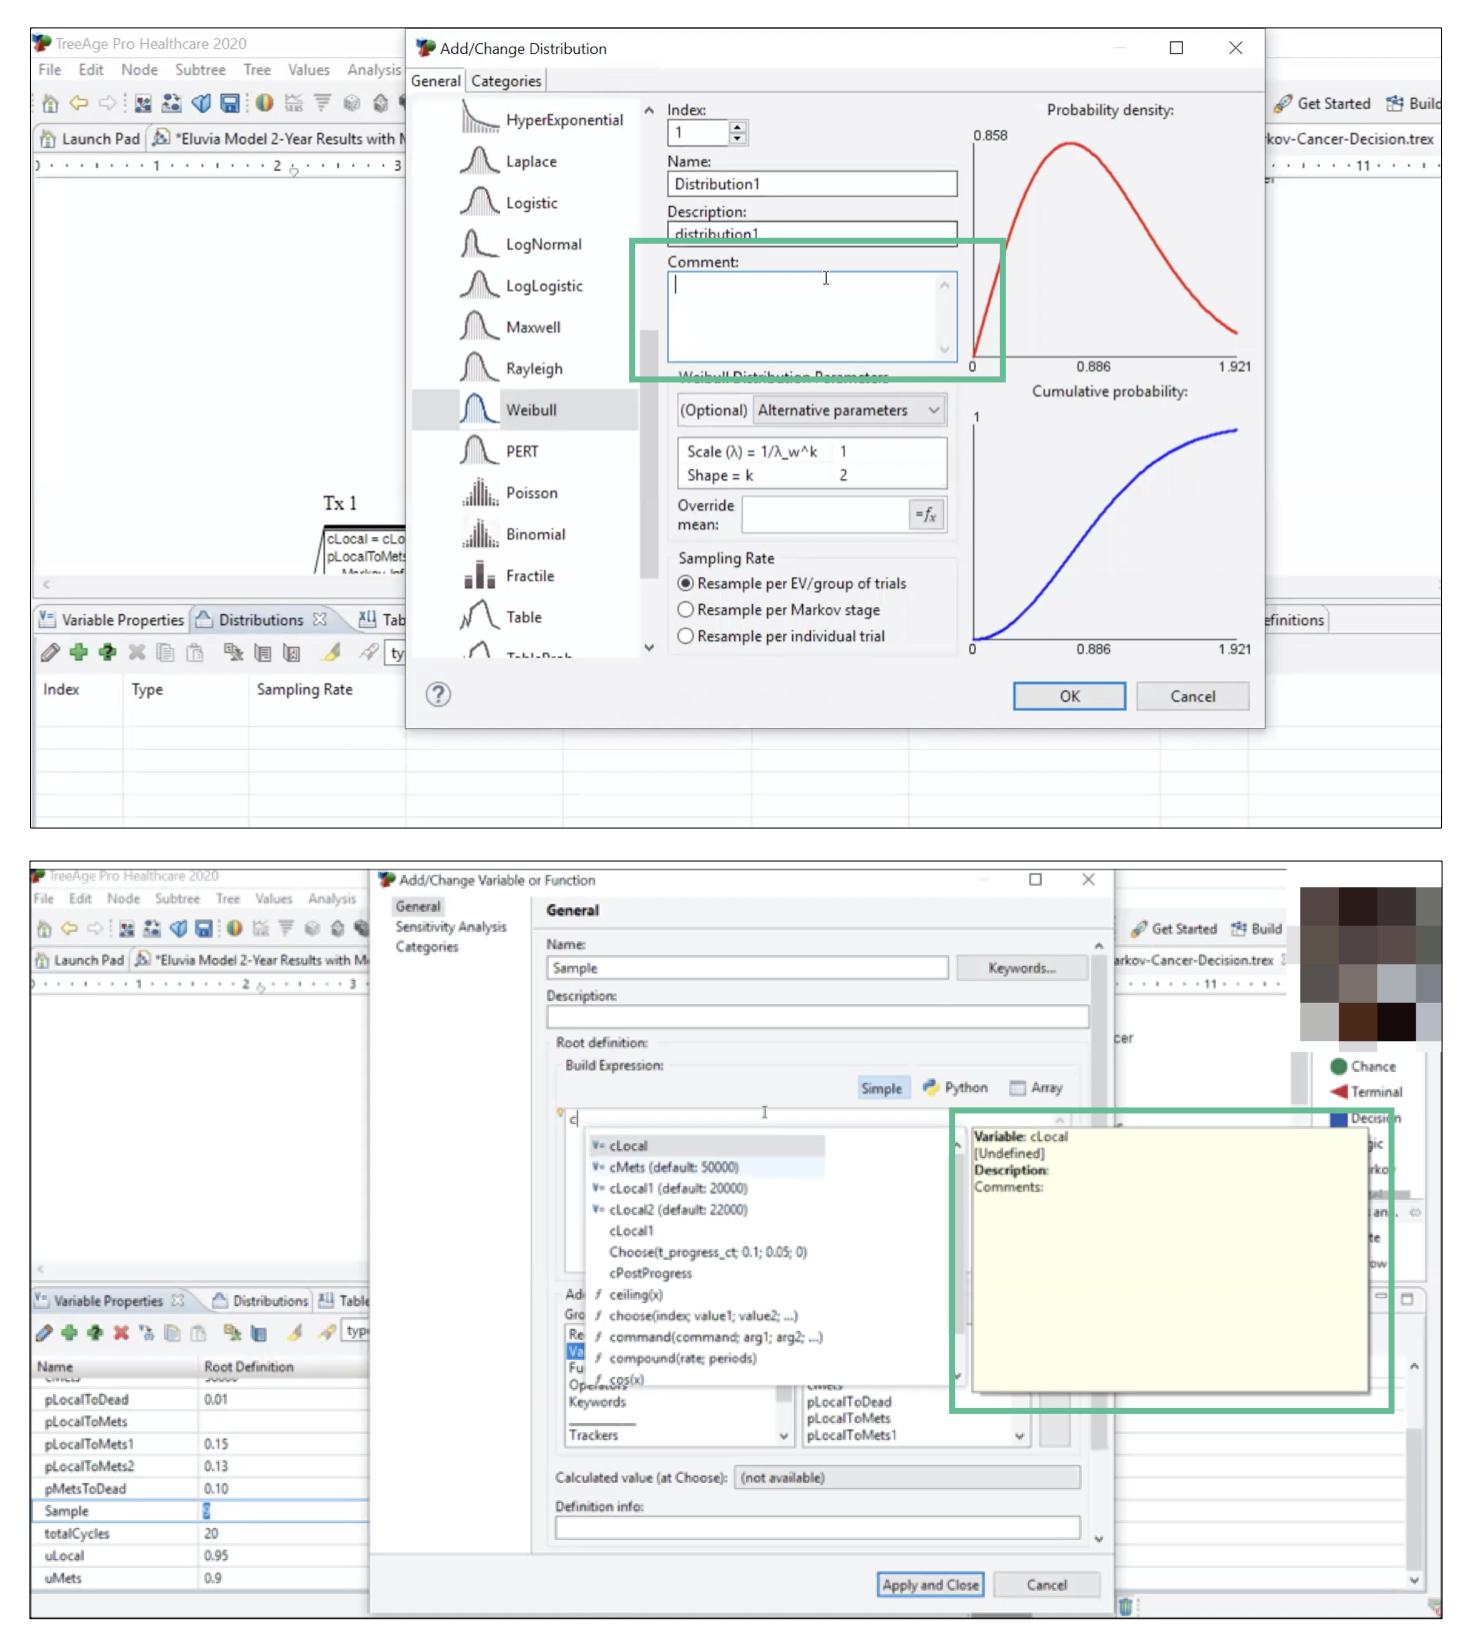 2 скриншота одного и того же веб-приложения.  один показывает возможность добавления комментария во время анализа данных.  второй снимок экрана показывает, как пользователь обращается к ранее созданному комментарию в модели данных.